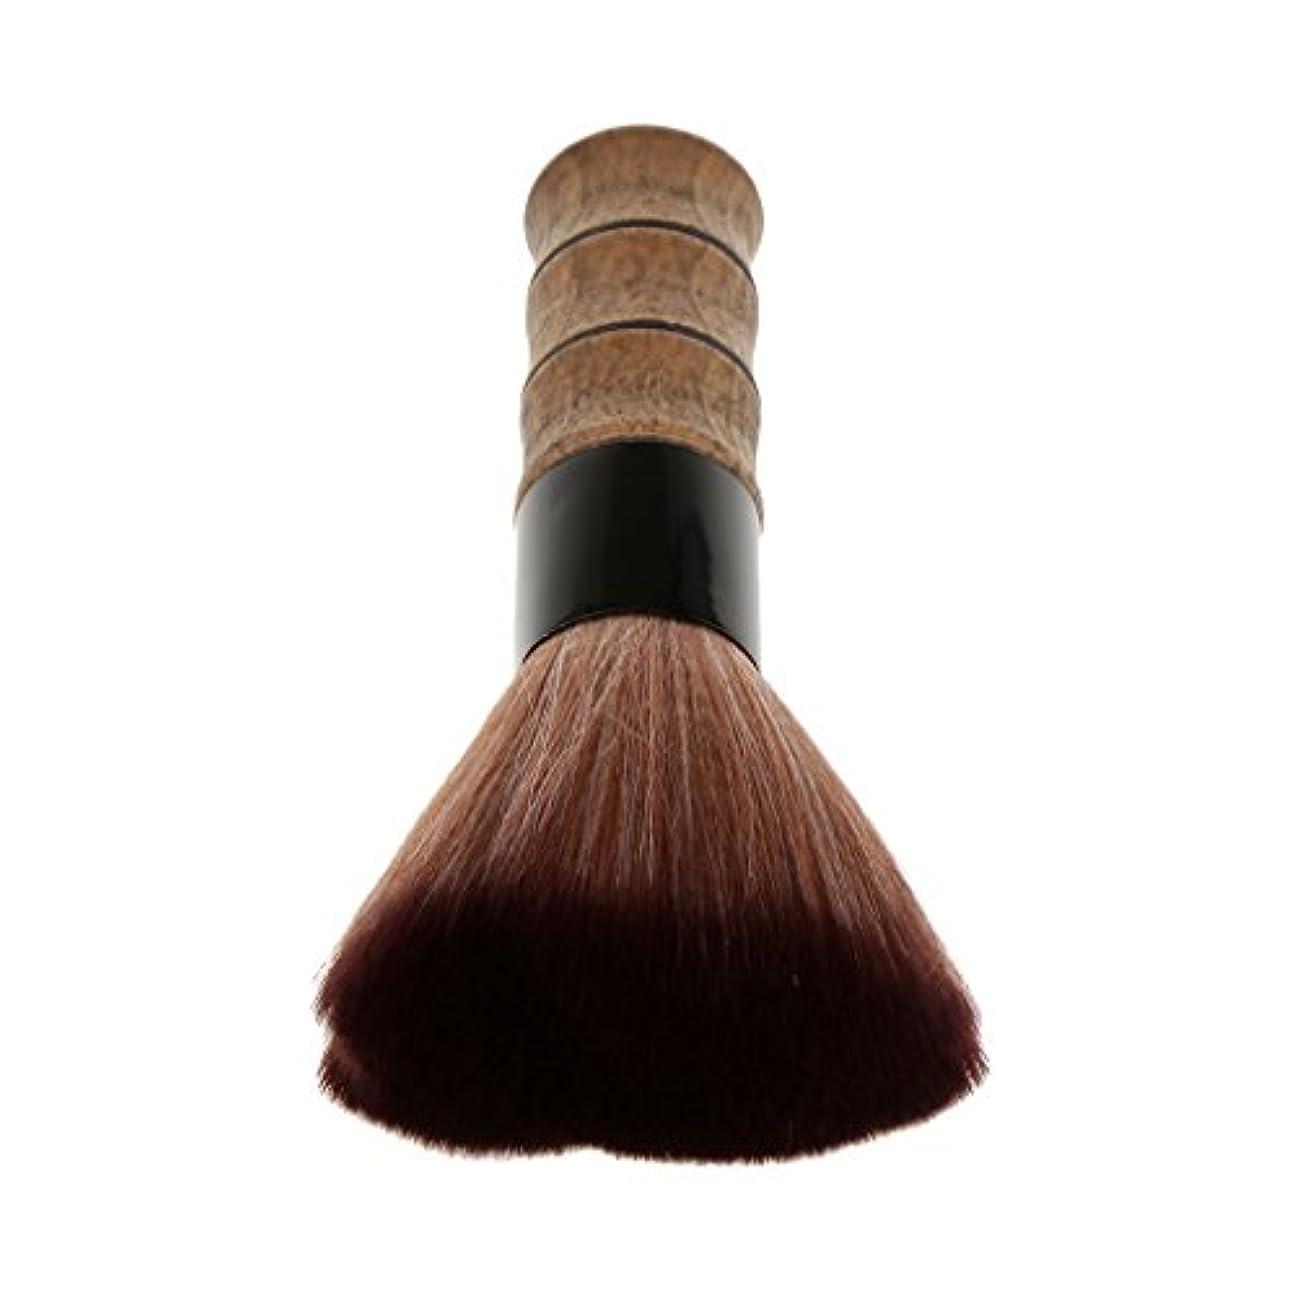 要求するフットボールリダクターメイクブラシ シェービングブラシ 超柔らかい 繊維 木製ハンドル 泡立ち 快適 洗顔 プレゼント 2色選べる - 褐色